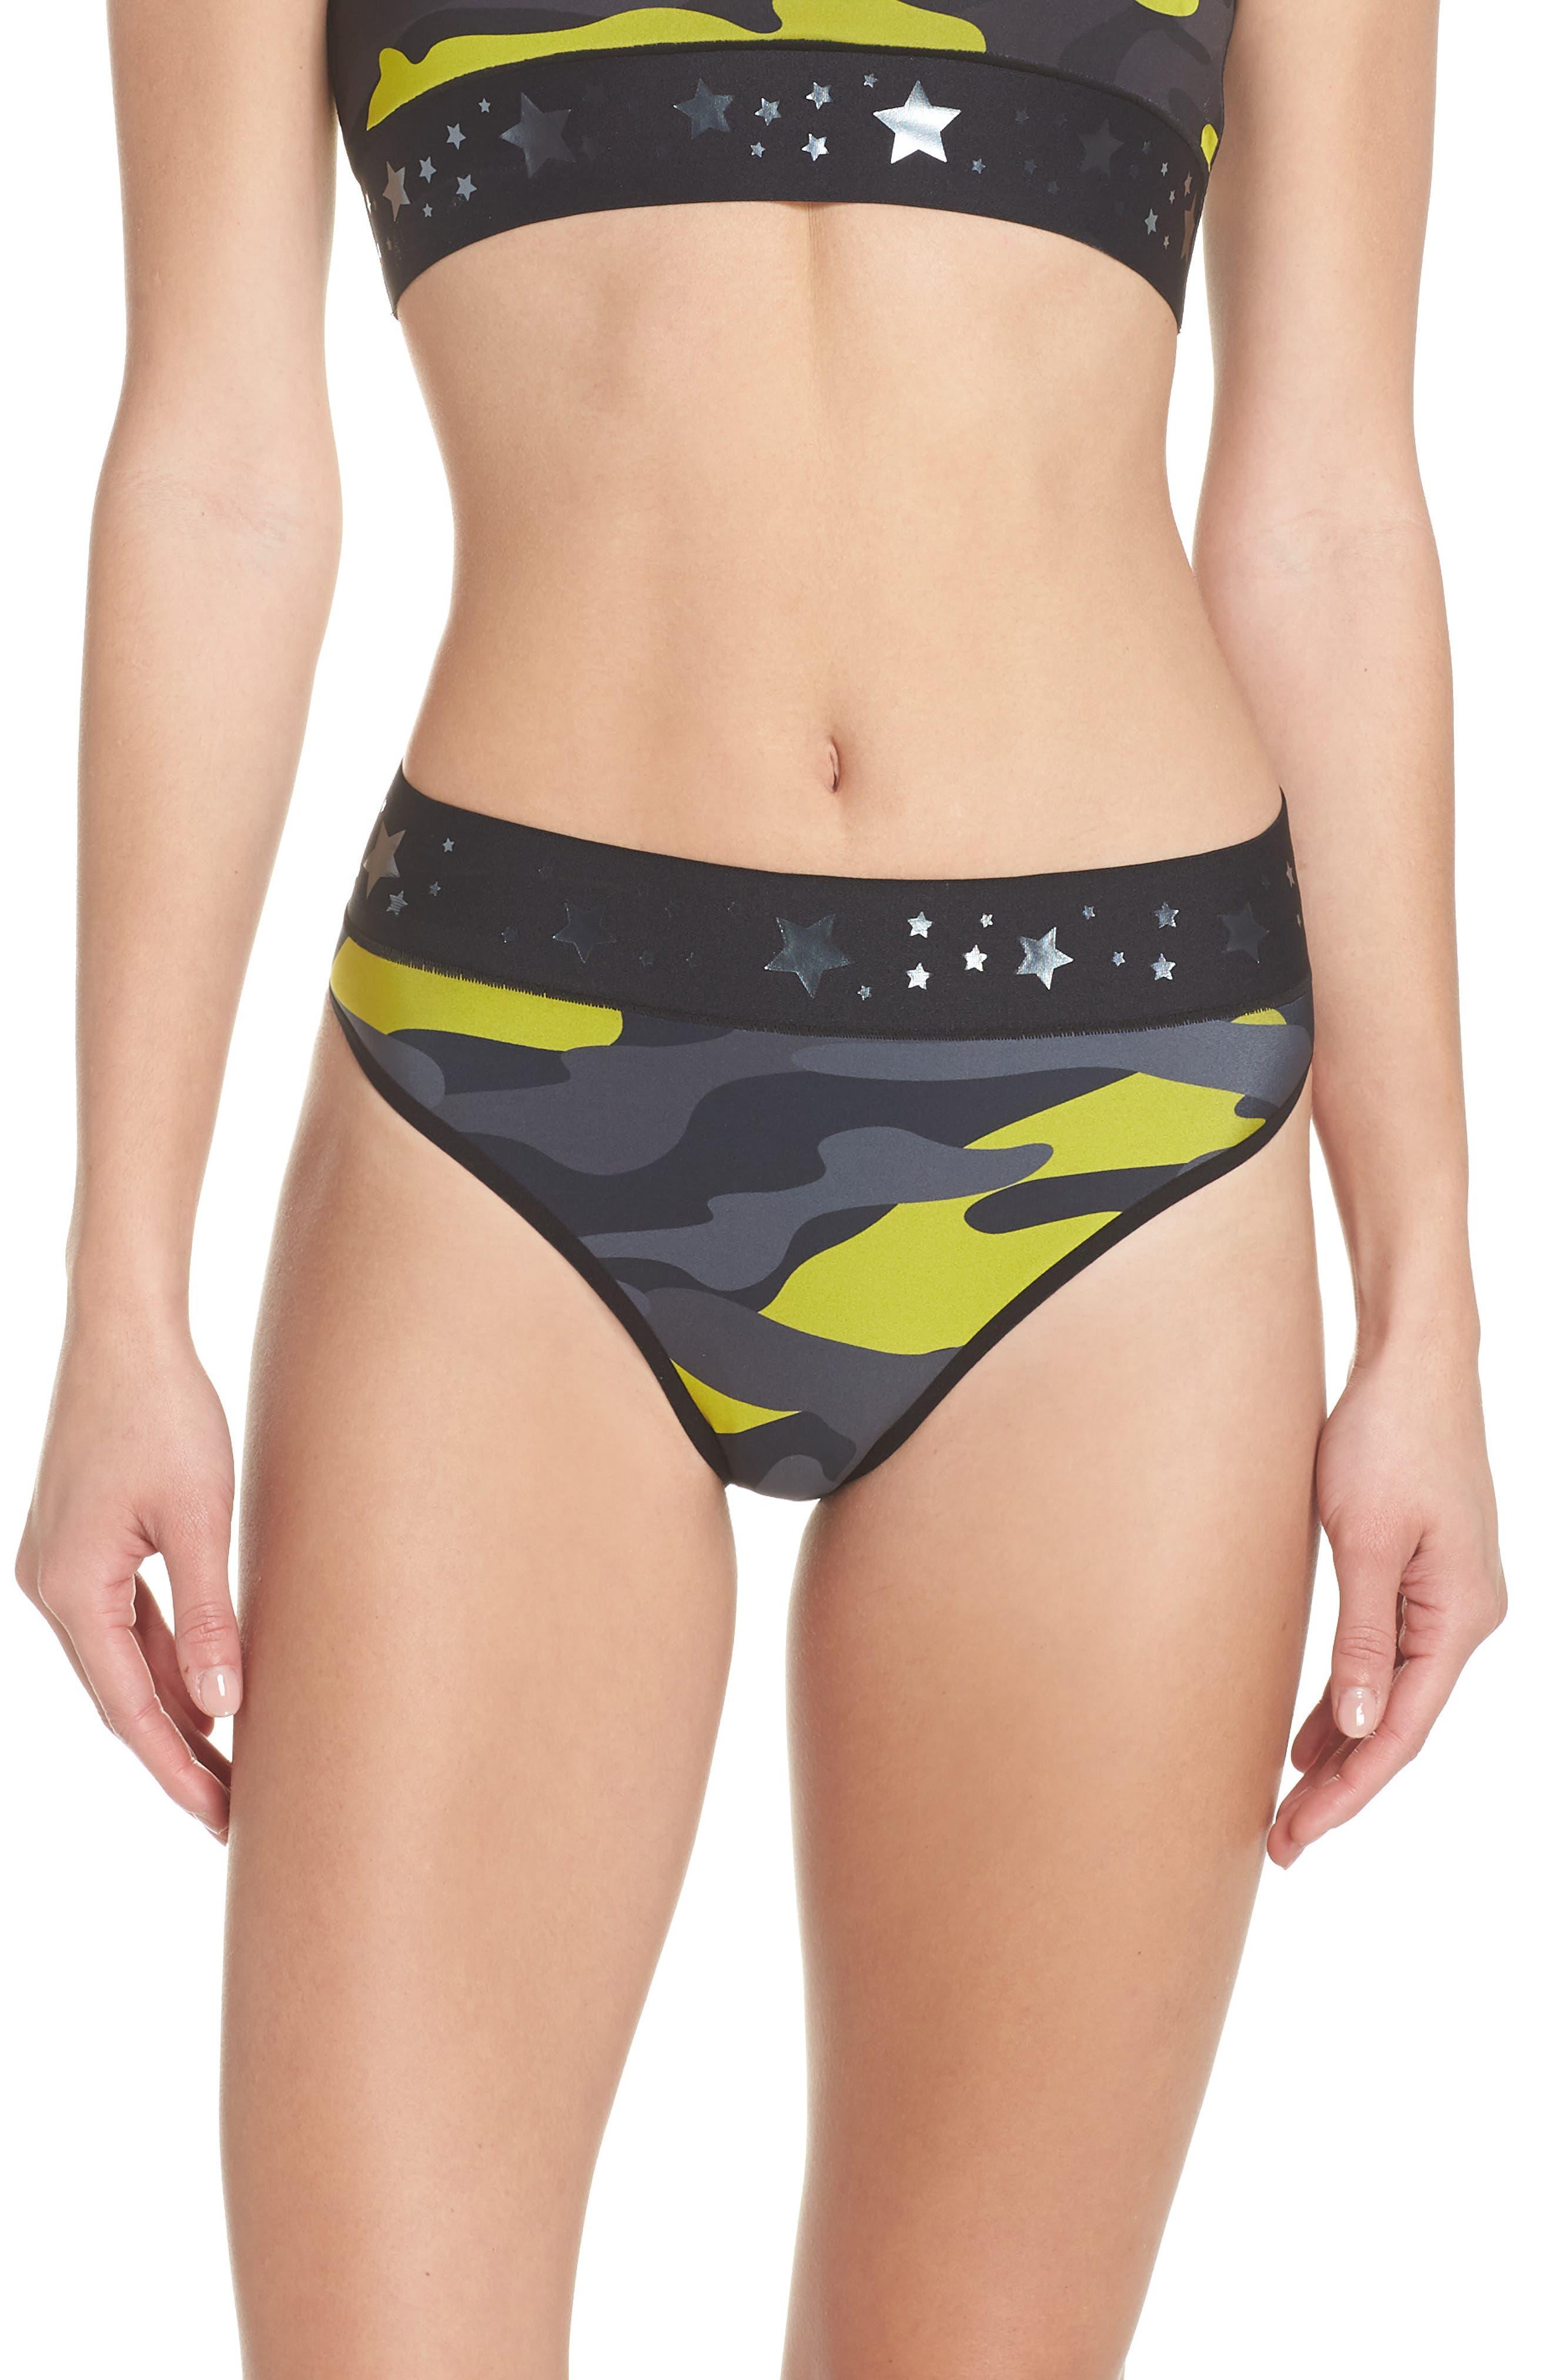 Argon Camo High Waist Bikini Bottoms,                             Main thumbnail 1, color,                             020